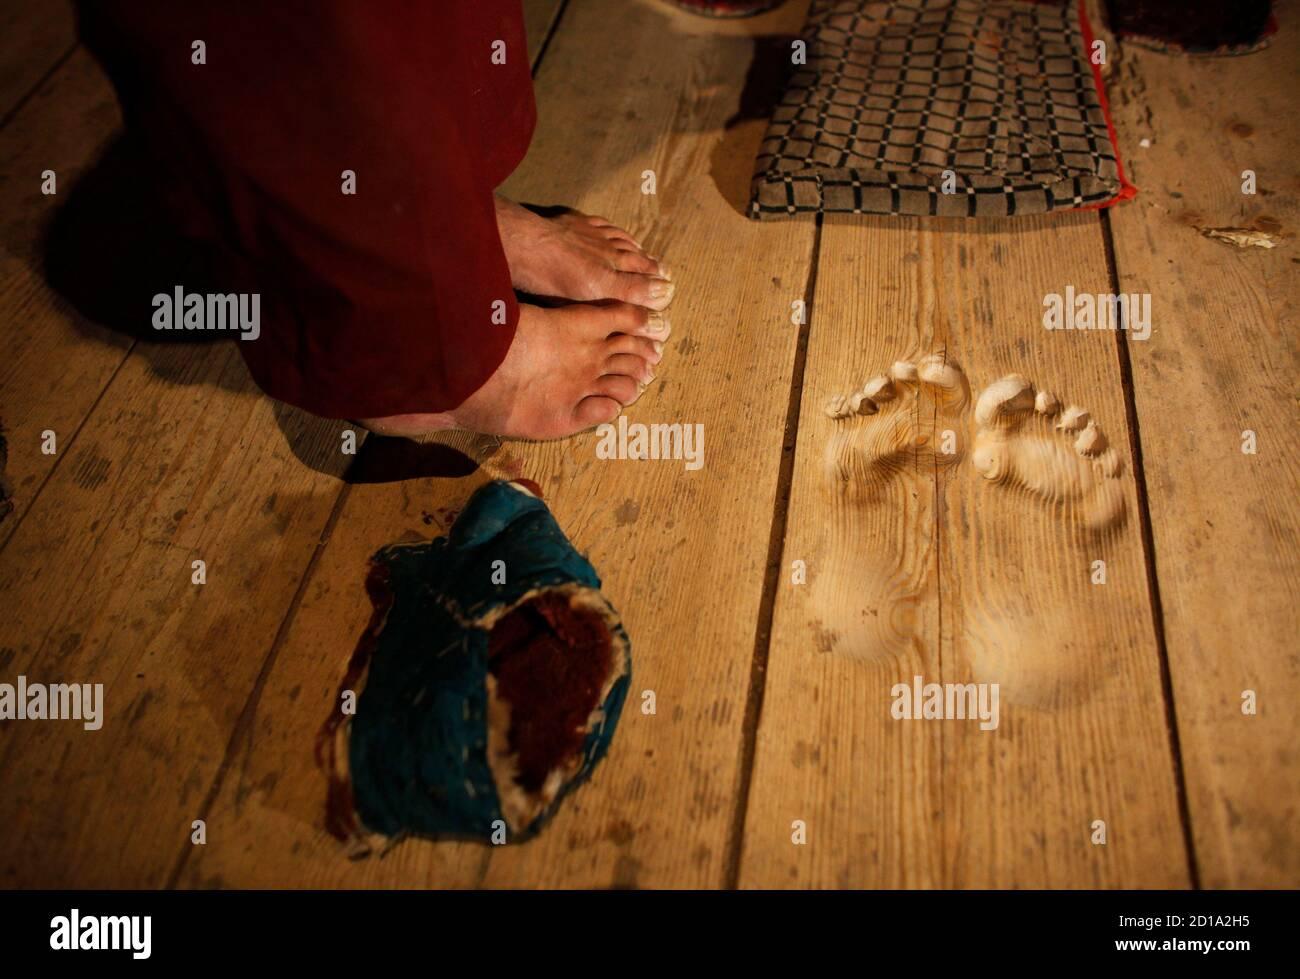 Die Füße des Mönchs Hua Chi sind in der Nähe die Fußabdrücke von ihm gemacht, indem Sie beten an der gleichen Stelle seit Jahrzehnten in einem Kloster in der Nähe von Tongren, Qinghai Provinz 25. Februar 2009 gesehen. Hua Chi, wer, dass er etwa 70 Jahre alt ist glaubt, hat an der gleichen Stelle betete so viele Male, dass perfekte Fußabdrücke auf der hölzernen Tür bleiben. Der Mönch und Arzt der traditionellen Medizin wurde in den kleinen Tempel in der Kloster-Stadt Tongren in Chinas westliche Qinghai Provinz seit fast zwanzig Jahren zu eine strengen persönlichen Ritual durchzuführen, kommen. Jeden Tag kommt vor Sonnenaufgang, Hua Tempel di Spagna, Platzierung Stockfoto